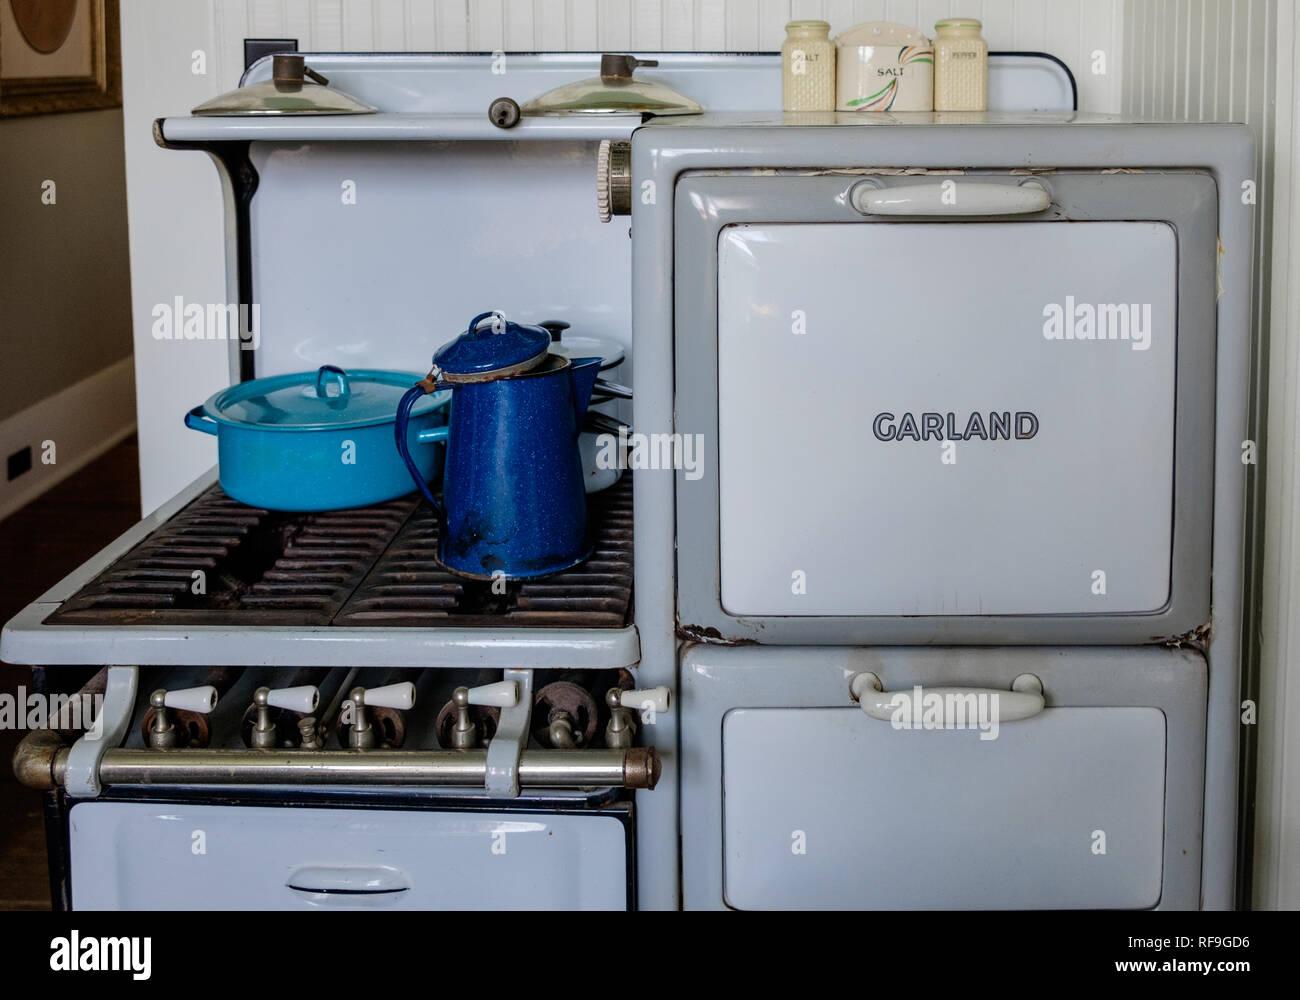 Garland antique cuisinière à gaz 4 brûleurs avec portes en porcelaine blanche et les jambes. Deux bleu et un émail blanc vintage de cuisine. Banque D'Images